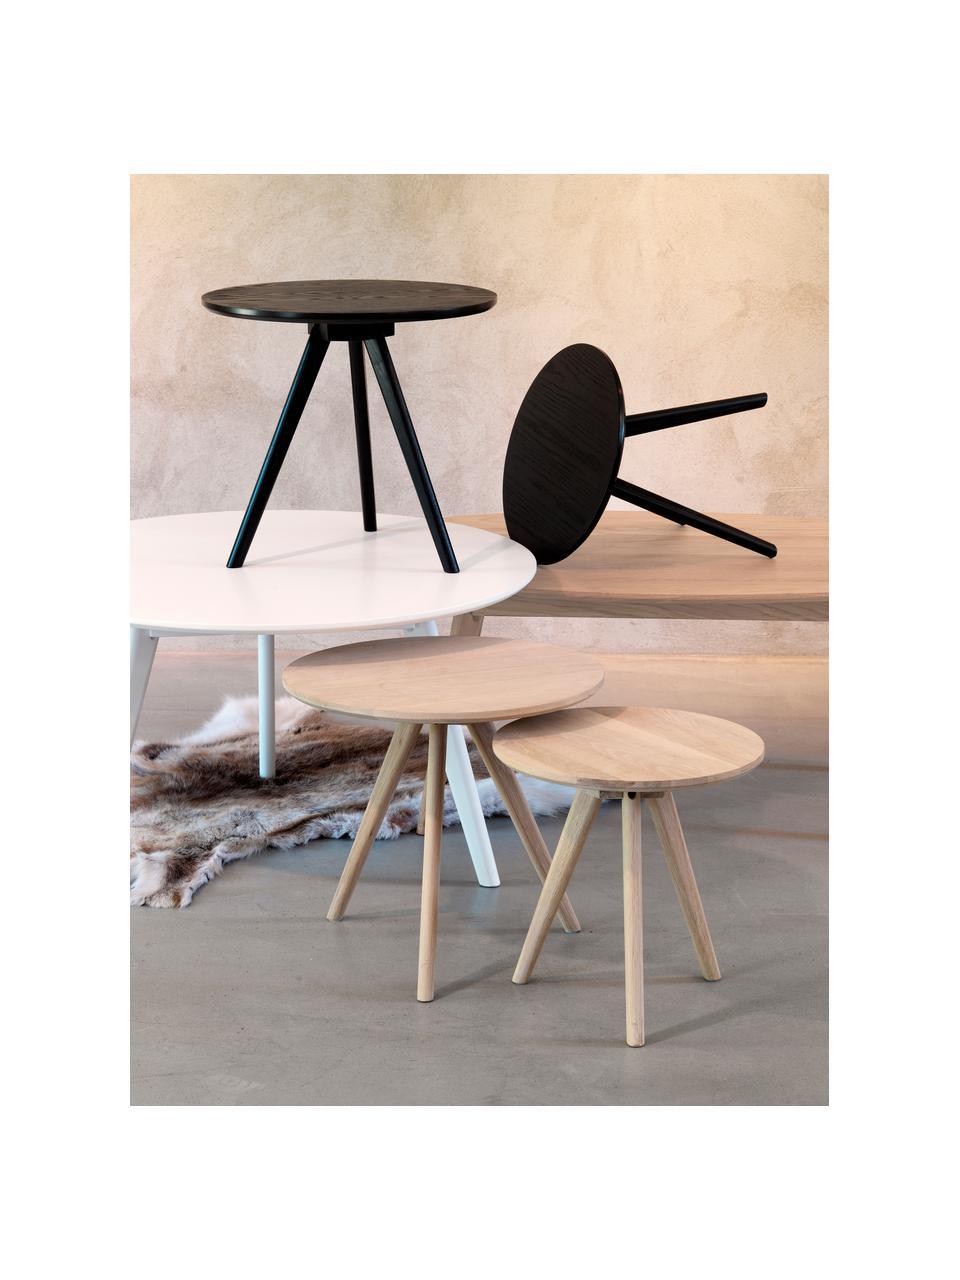 Bijzettafelset Yumi in zwart, 2-delig, Tafelblad: MDF met essenhoutfineer, Poten: massief gelakt rubberhout, Zwart, Set met verschillende formaten